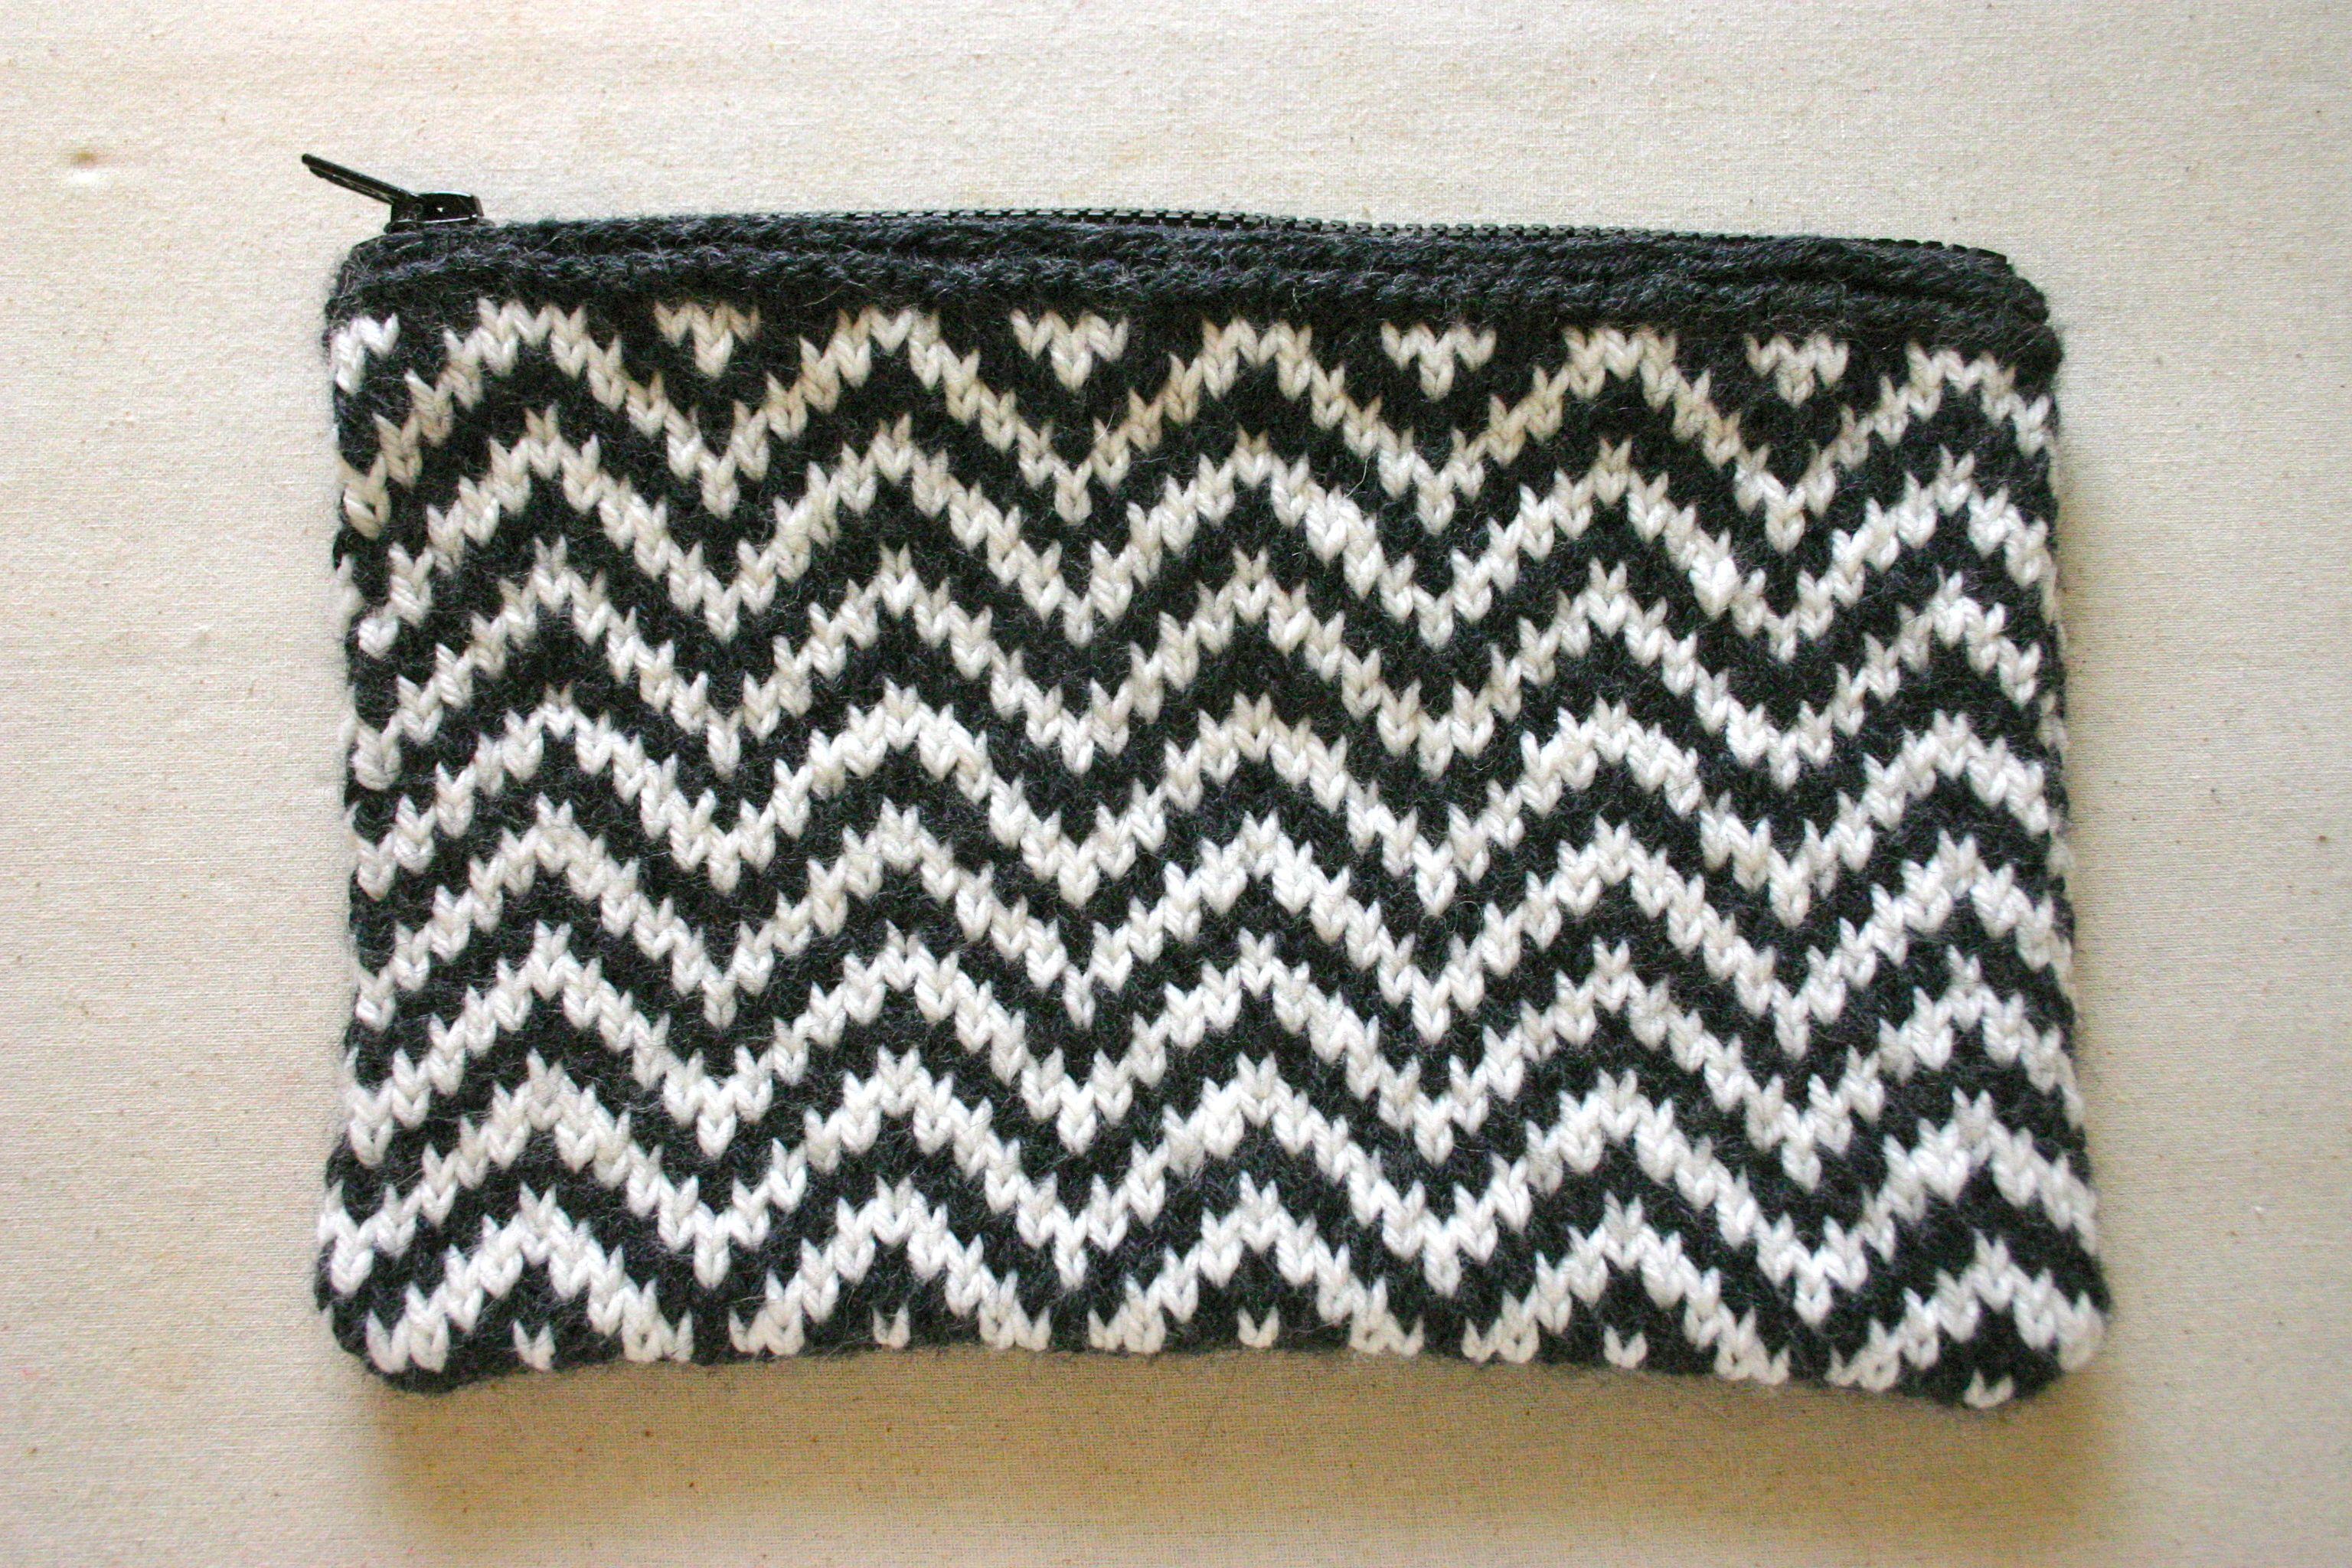 Chevron knit Bag Pattern